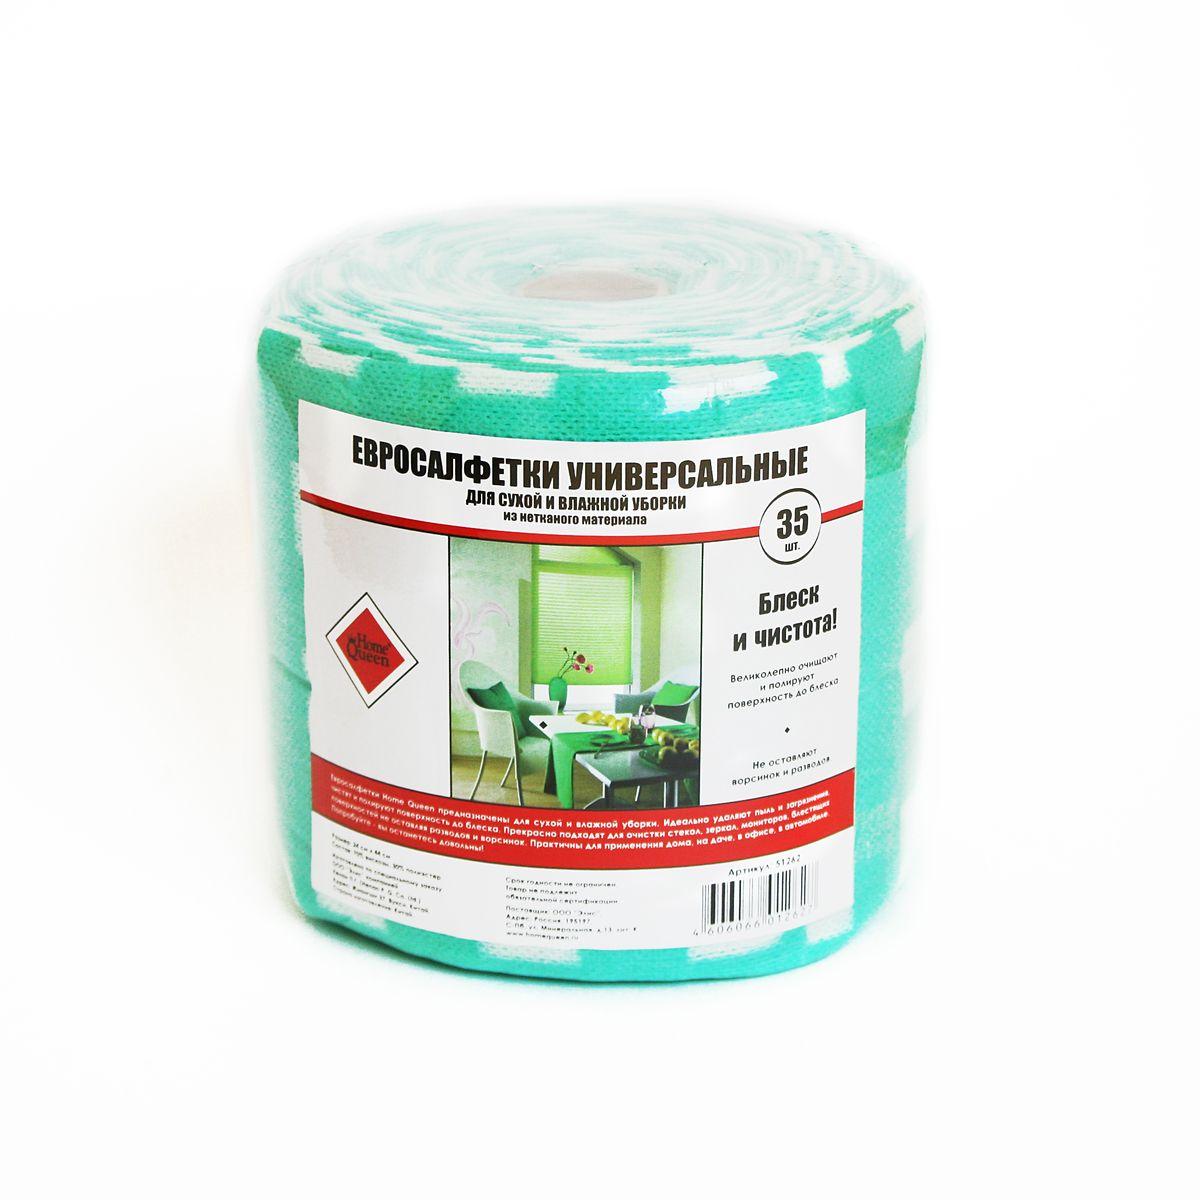 Евросалфетки универсальные Home Queen, в рулоне, цвет: зеленый, 24 см х 44 см, 35 шт51262Евросалфетки Home Queen изготовлены из 70% вискозы и 30% полиэстера и предназначены для влажной и сухой уборки. Идеально удаляют пыль и загрязнения. Чистят и полируют поверхность до блеска. Салфетки подходят для любых поверхностей, не оставляют разводов и ворсинок. Изделия универсальные, практичные для применения дома, на даче, в машине и т.д. Салфетки упакованы в рулон и декорированы рисунком в клетку. Размер салфеток: 24 см х 44 см. Комплектация: 35 шт.